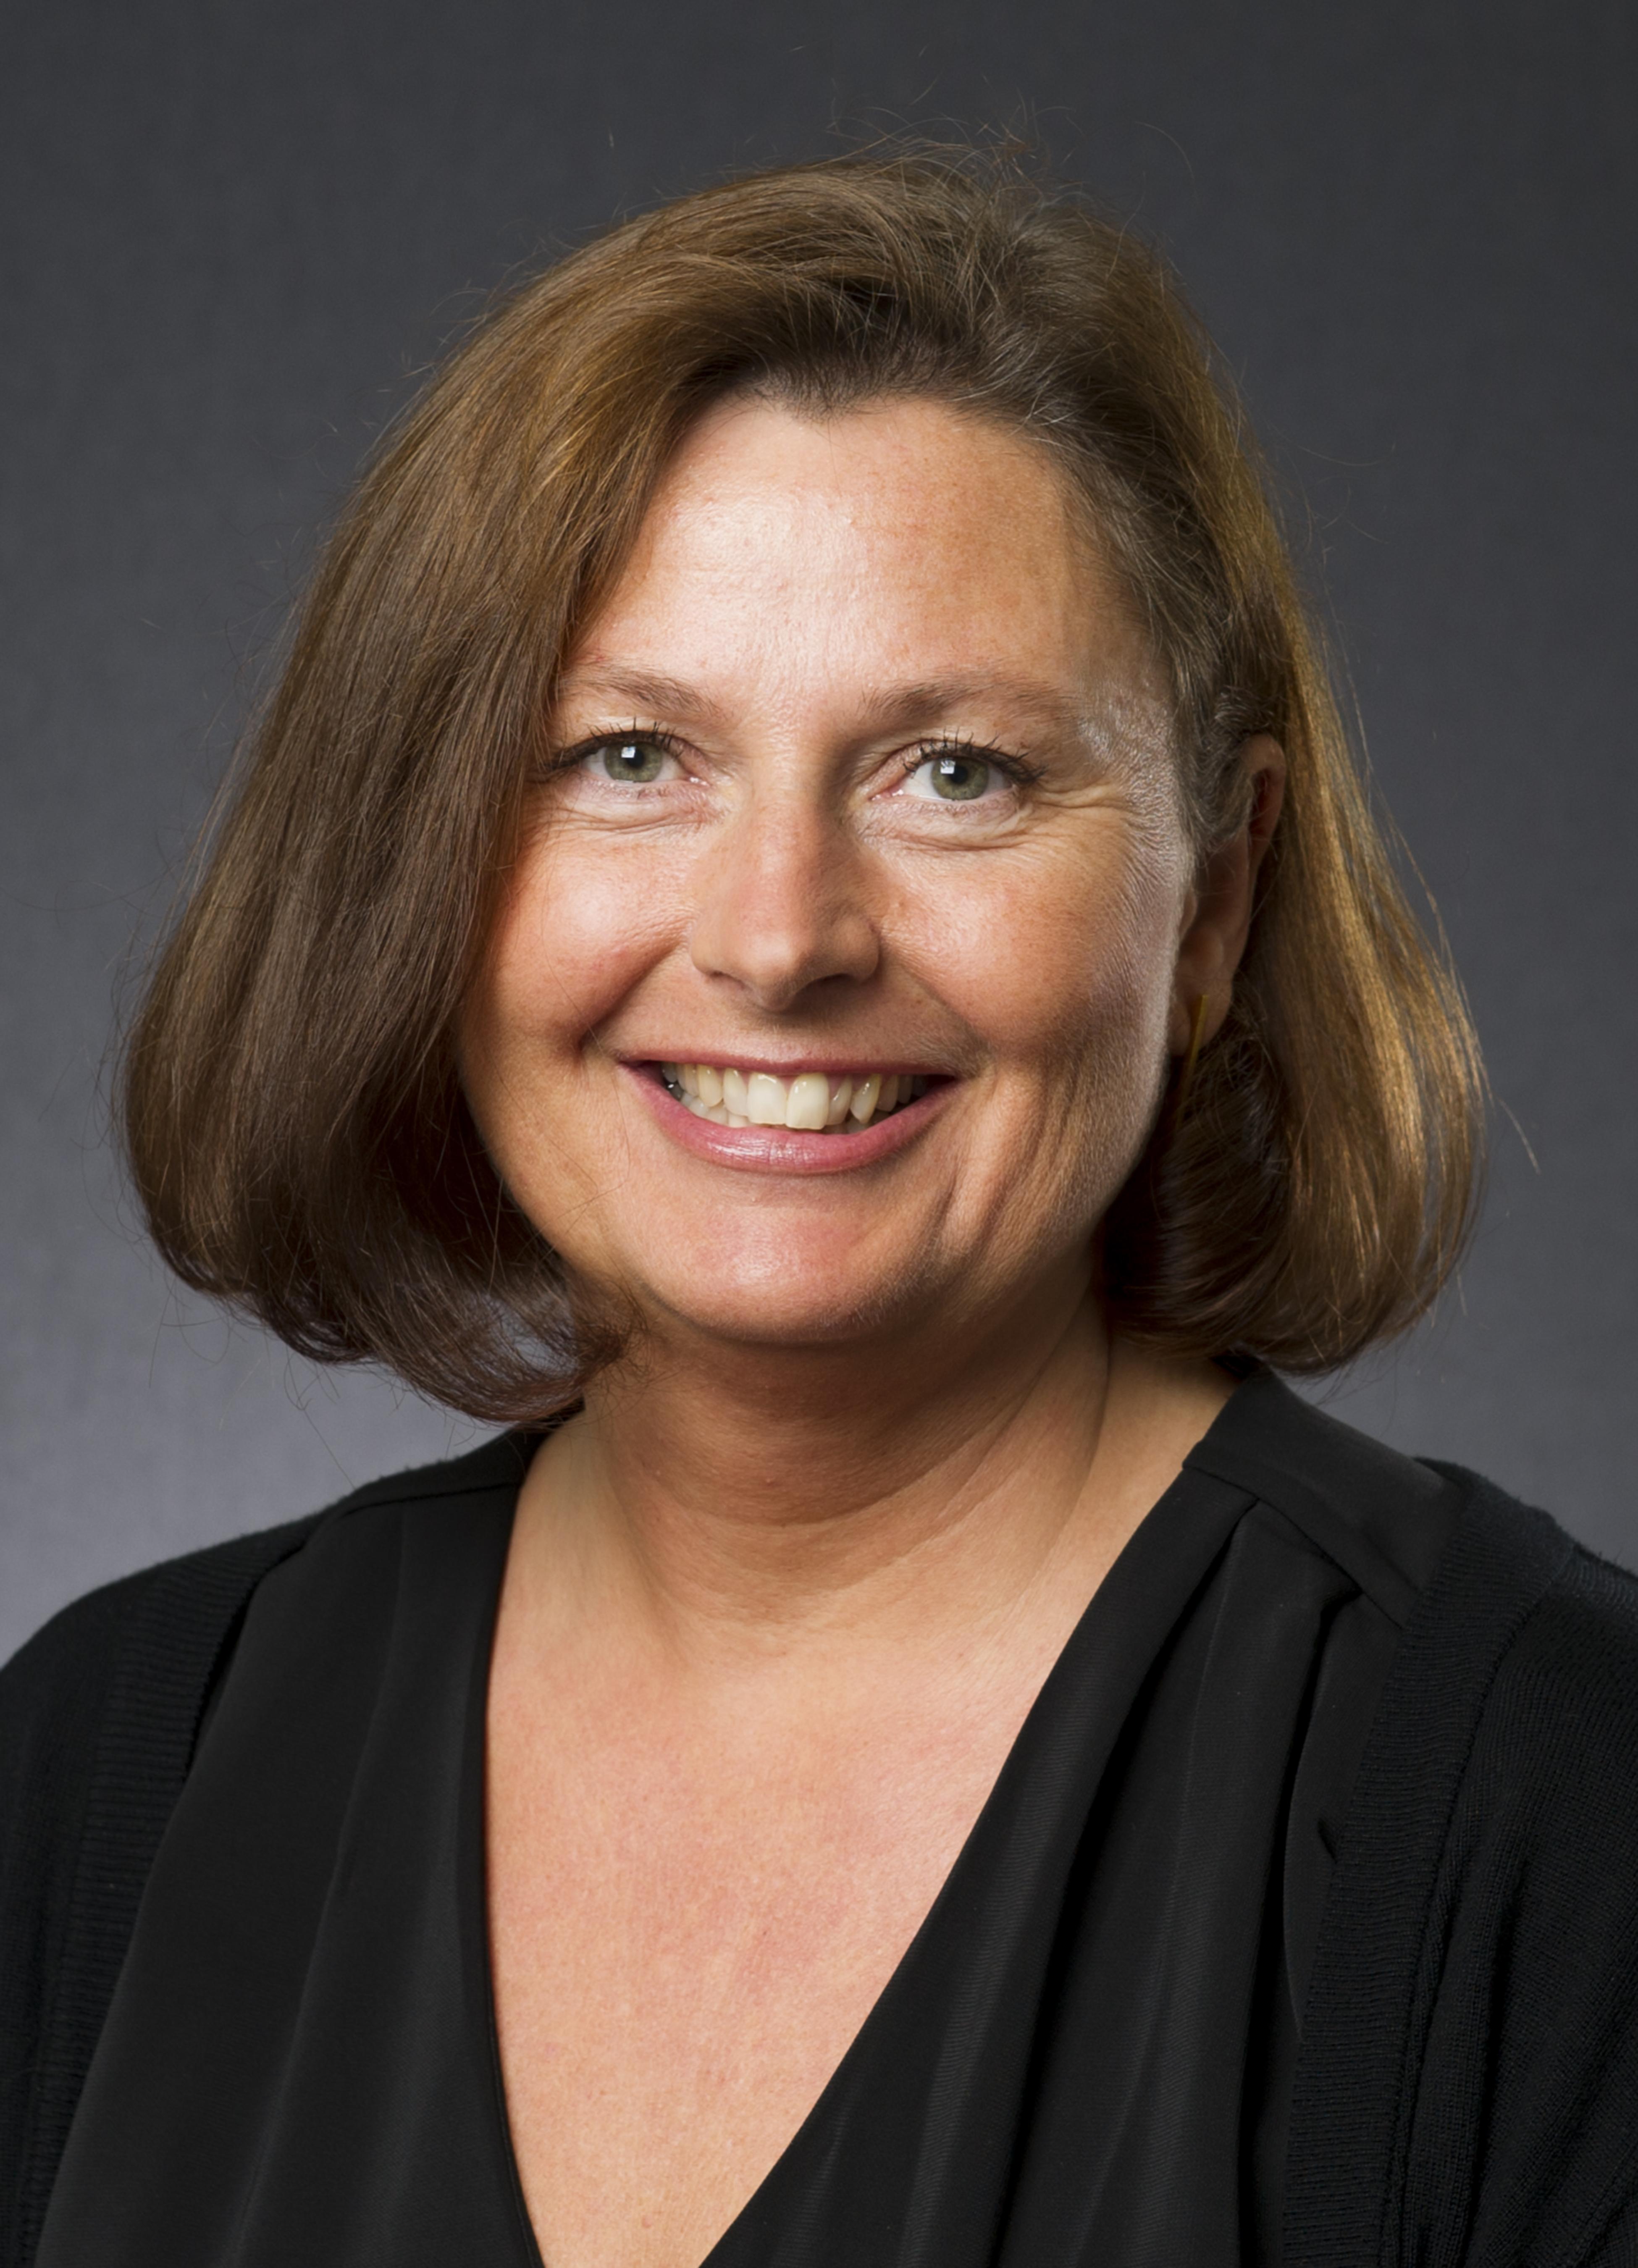 Gitte Pappe Ludvigsen